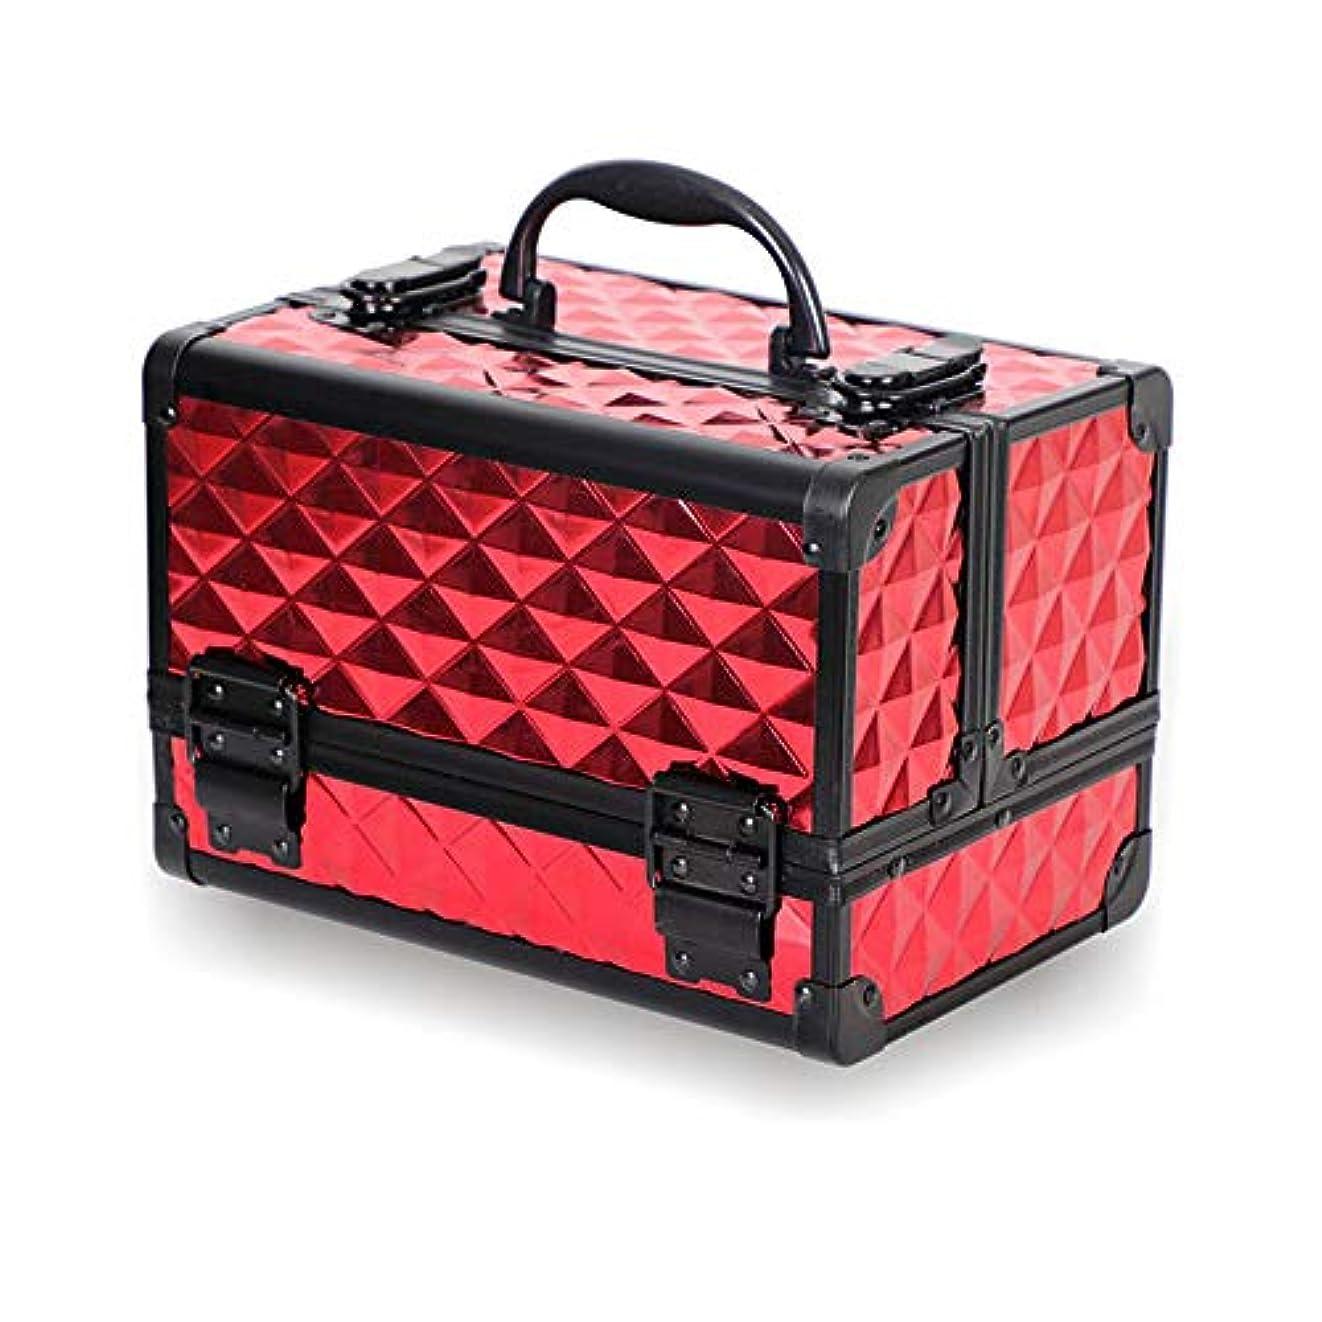 入手しますクレタ確認してください特大スペース収納ビューティーボックス 美の構造のためそしてジッパーおよび折る皿が付いている女の子の女性旅行そして毎日の貯蔵のための高容量の携帯用化粧品袋 化粧品化粧台 (色 : 赤)